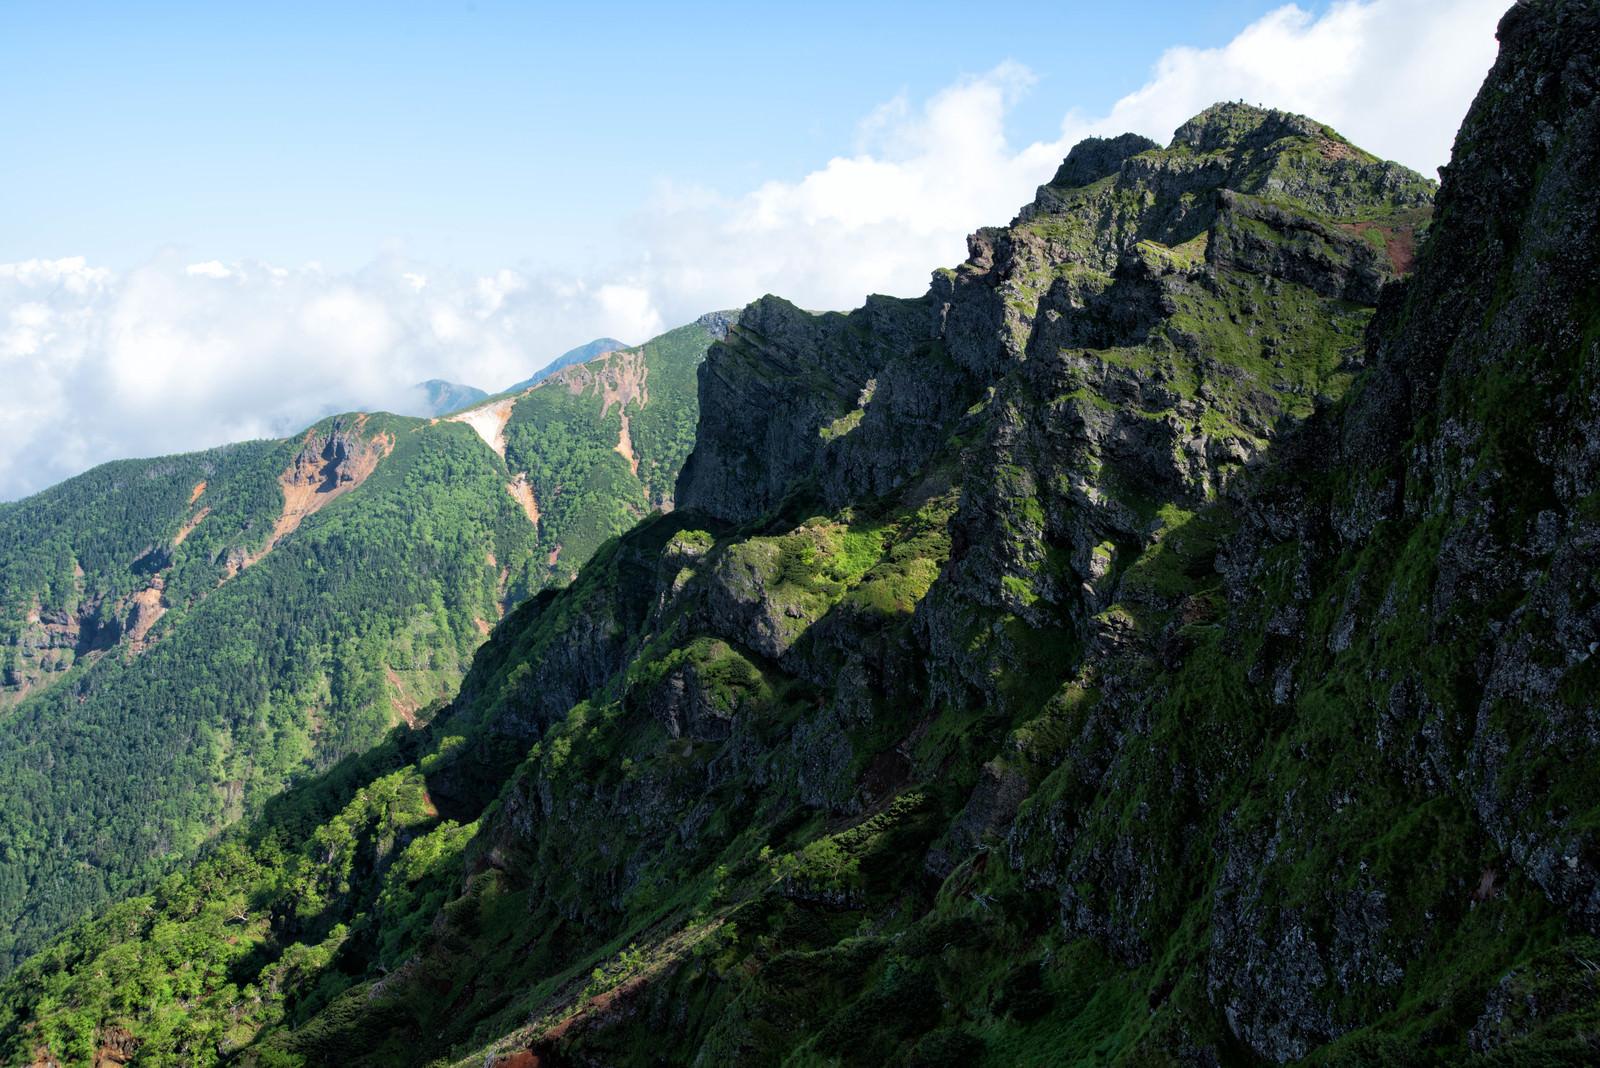 「横岳の岩場絶壁(八ヶ岳)」の写真